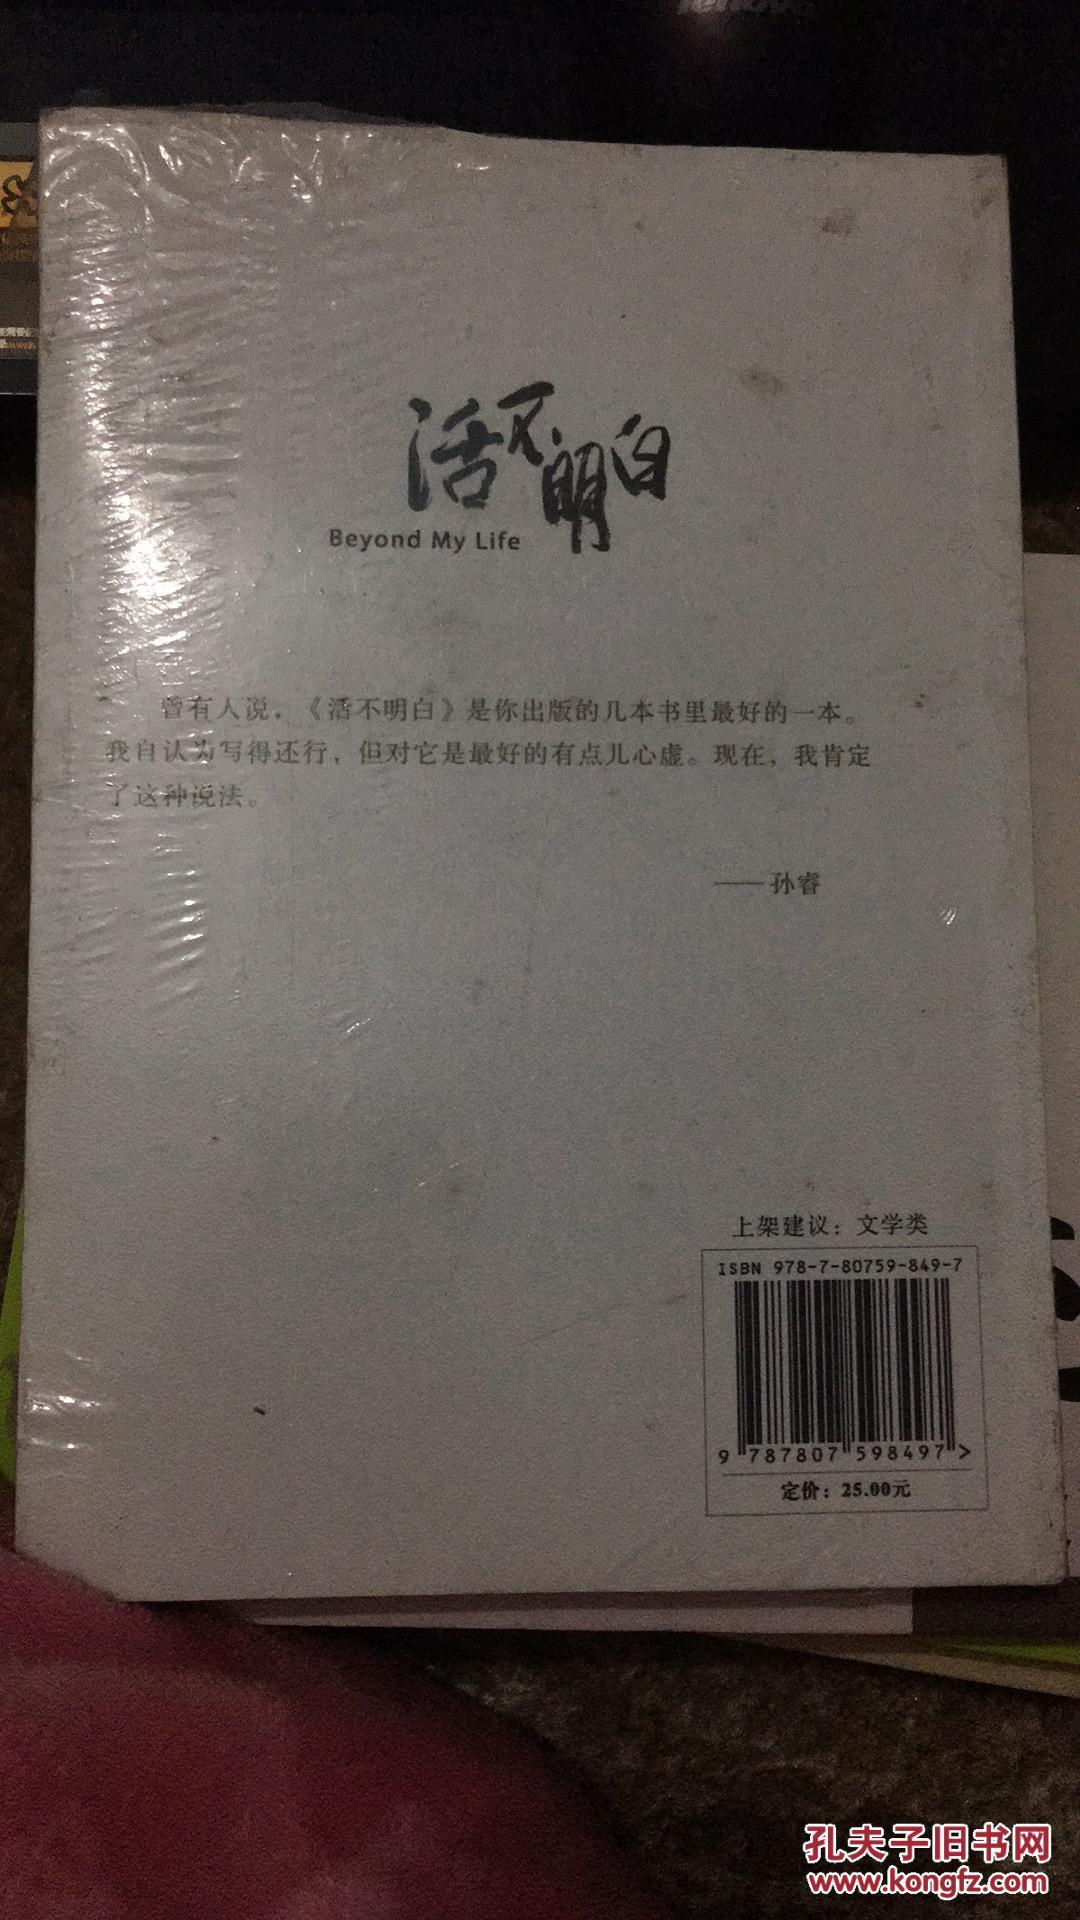 活不明白电子书下载_活不明白_孙睿[著]_孔夫子旧书网